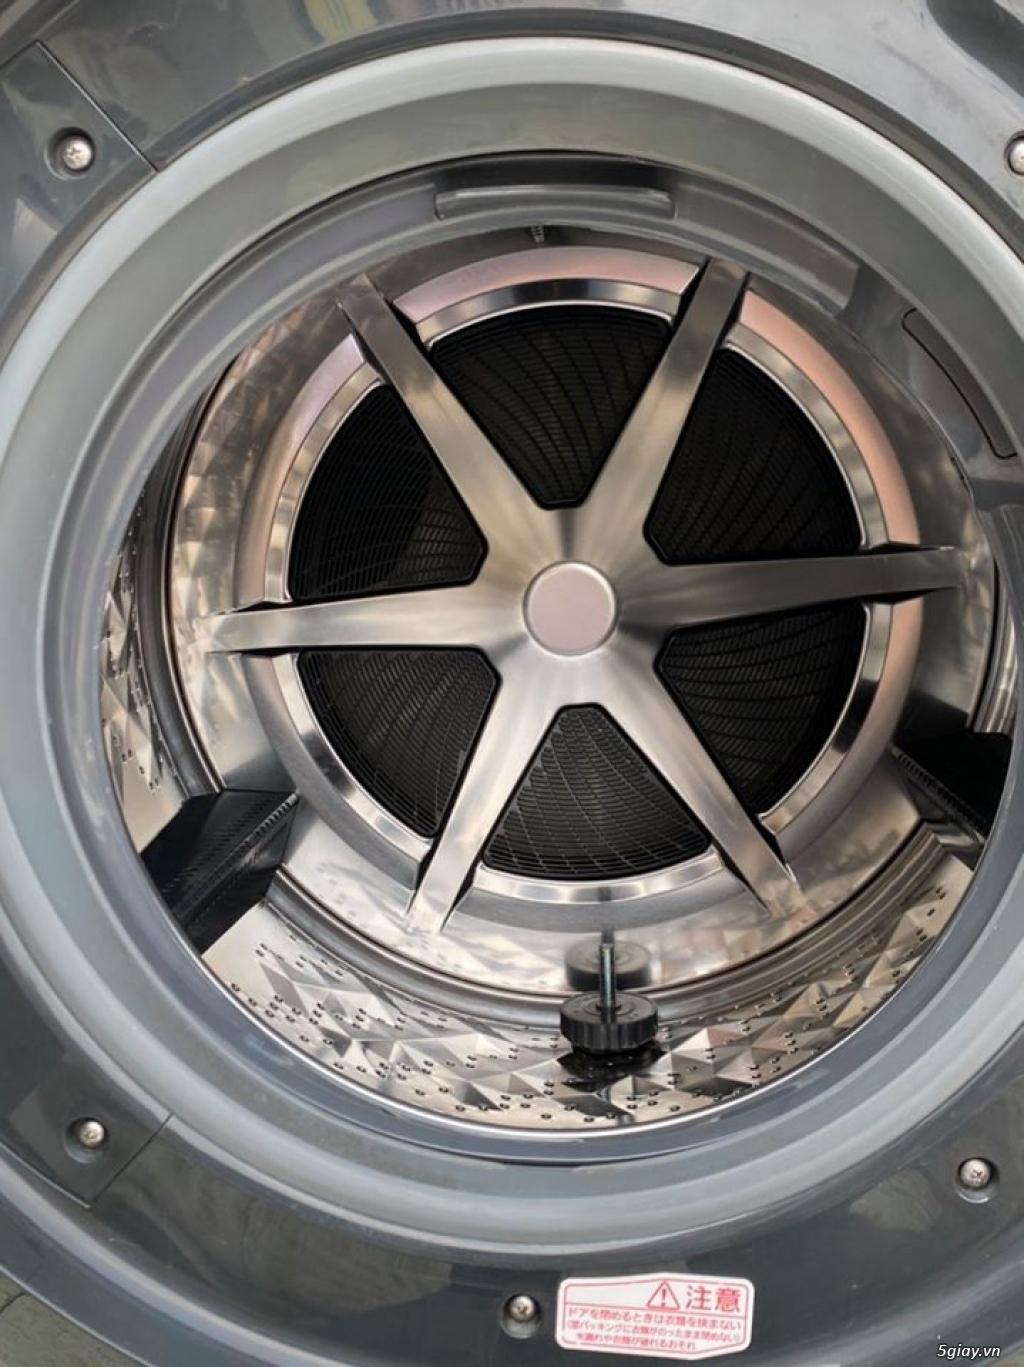 Máy giặt PANASONIC NA-VX3300L giặt 9kg sấy Block 6kg đời 2013Màu trắng - 3